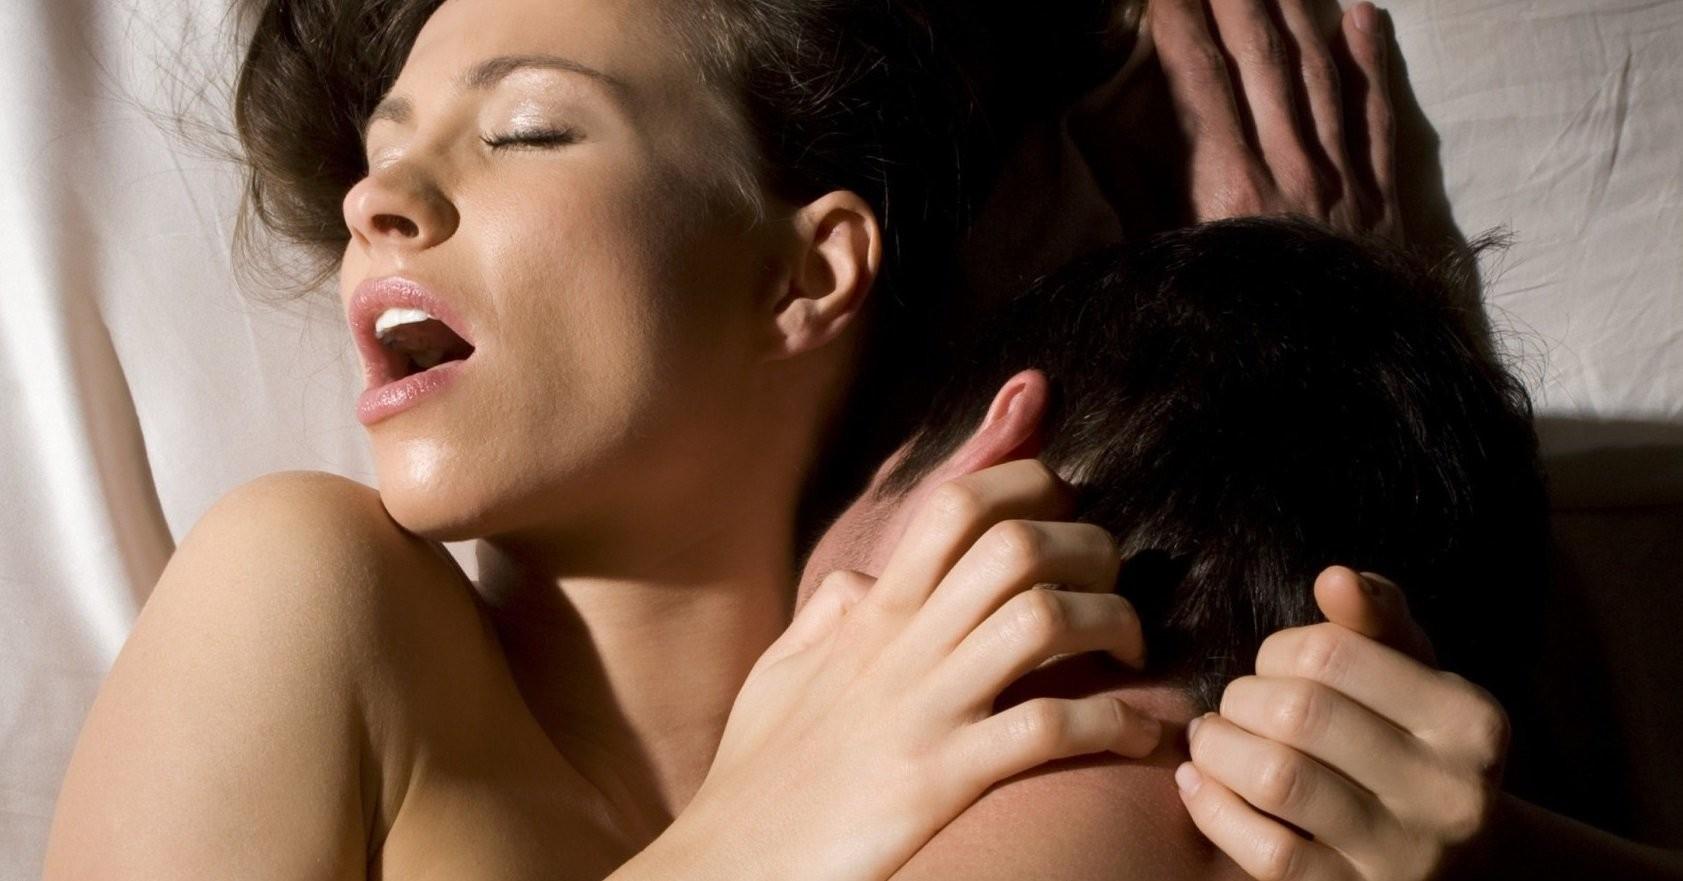 Узнать сексуальный темперамент